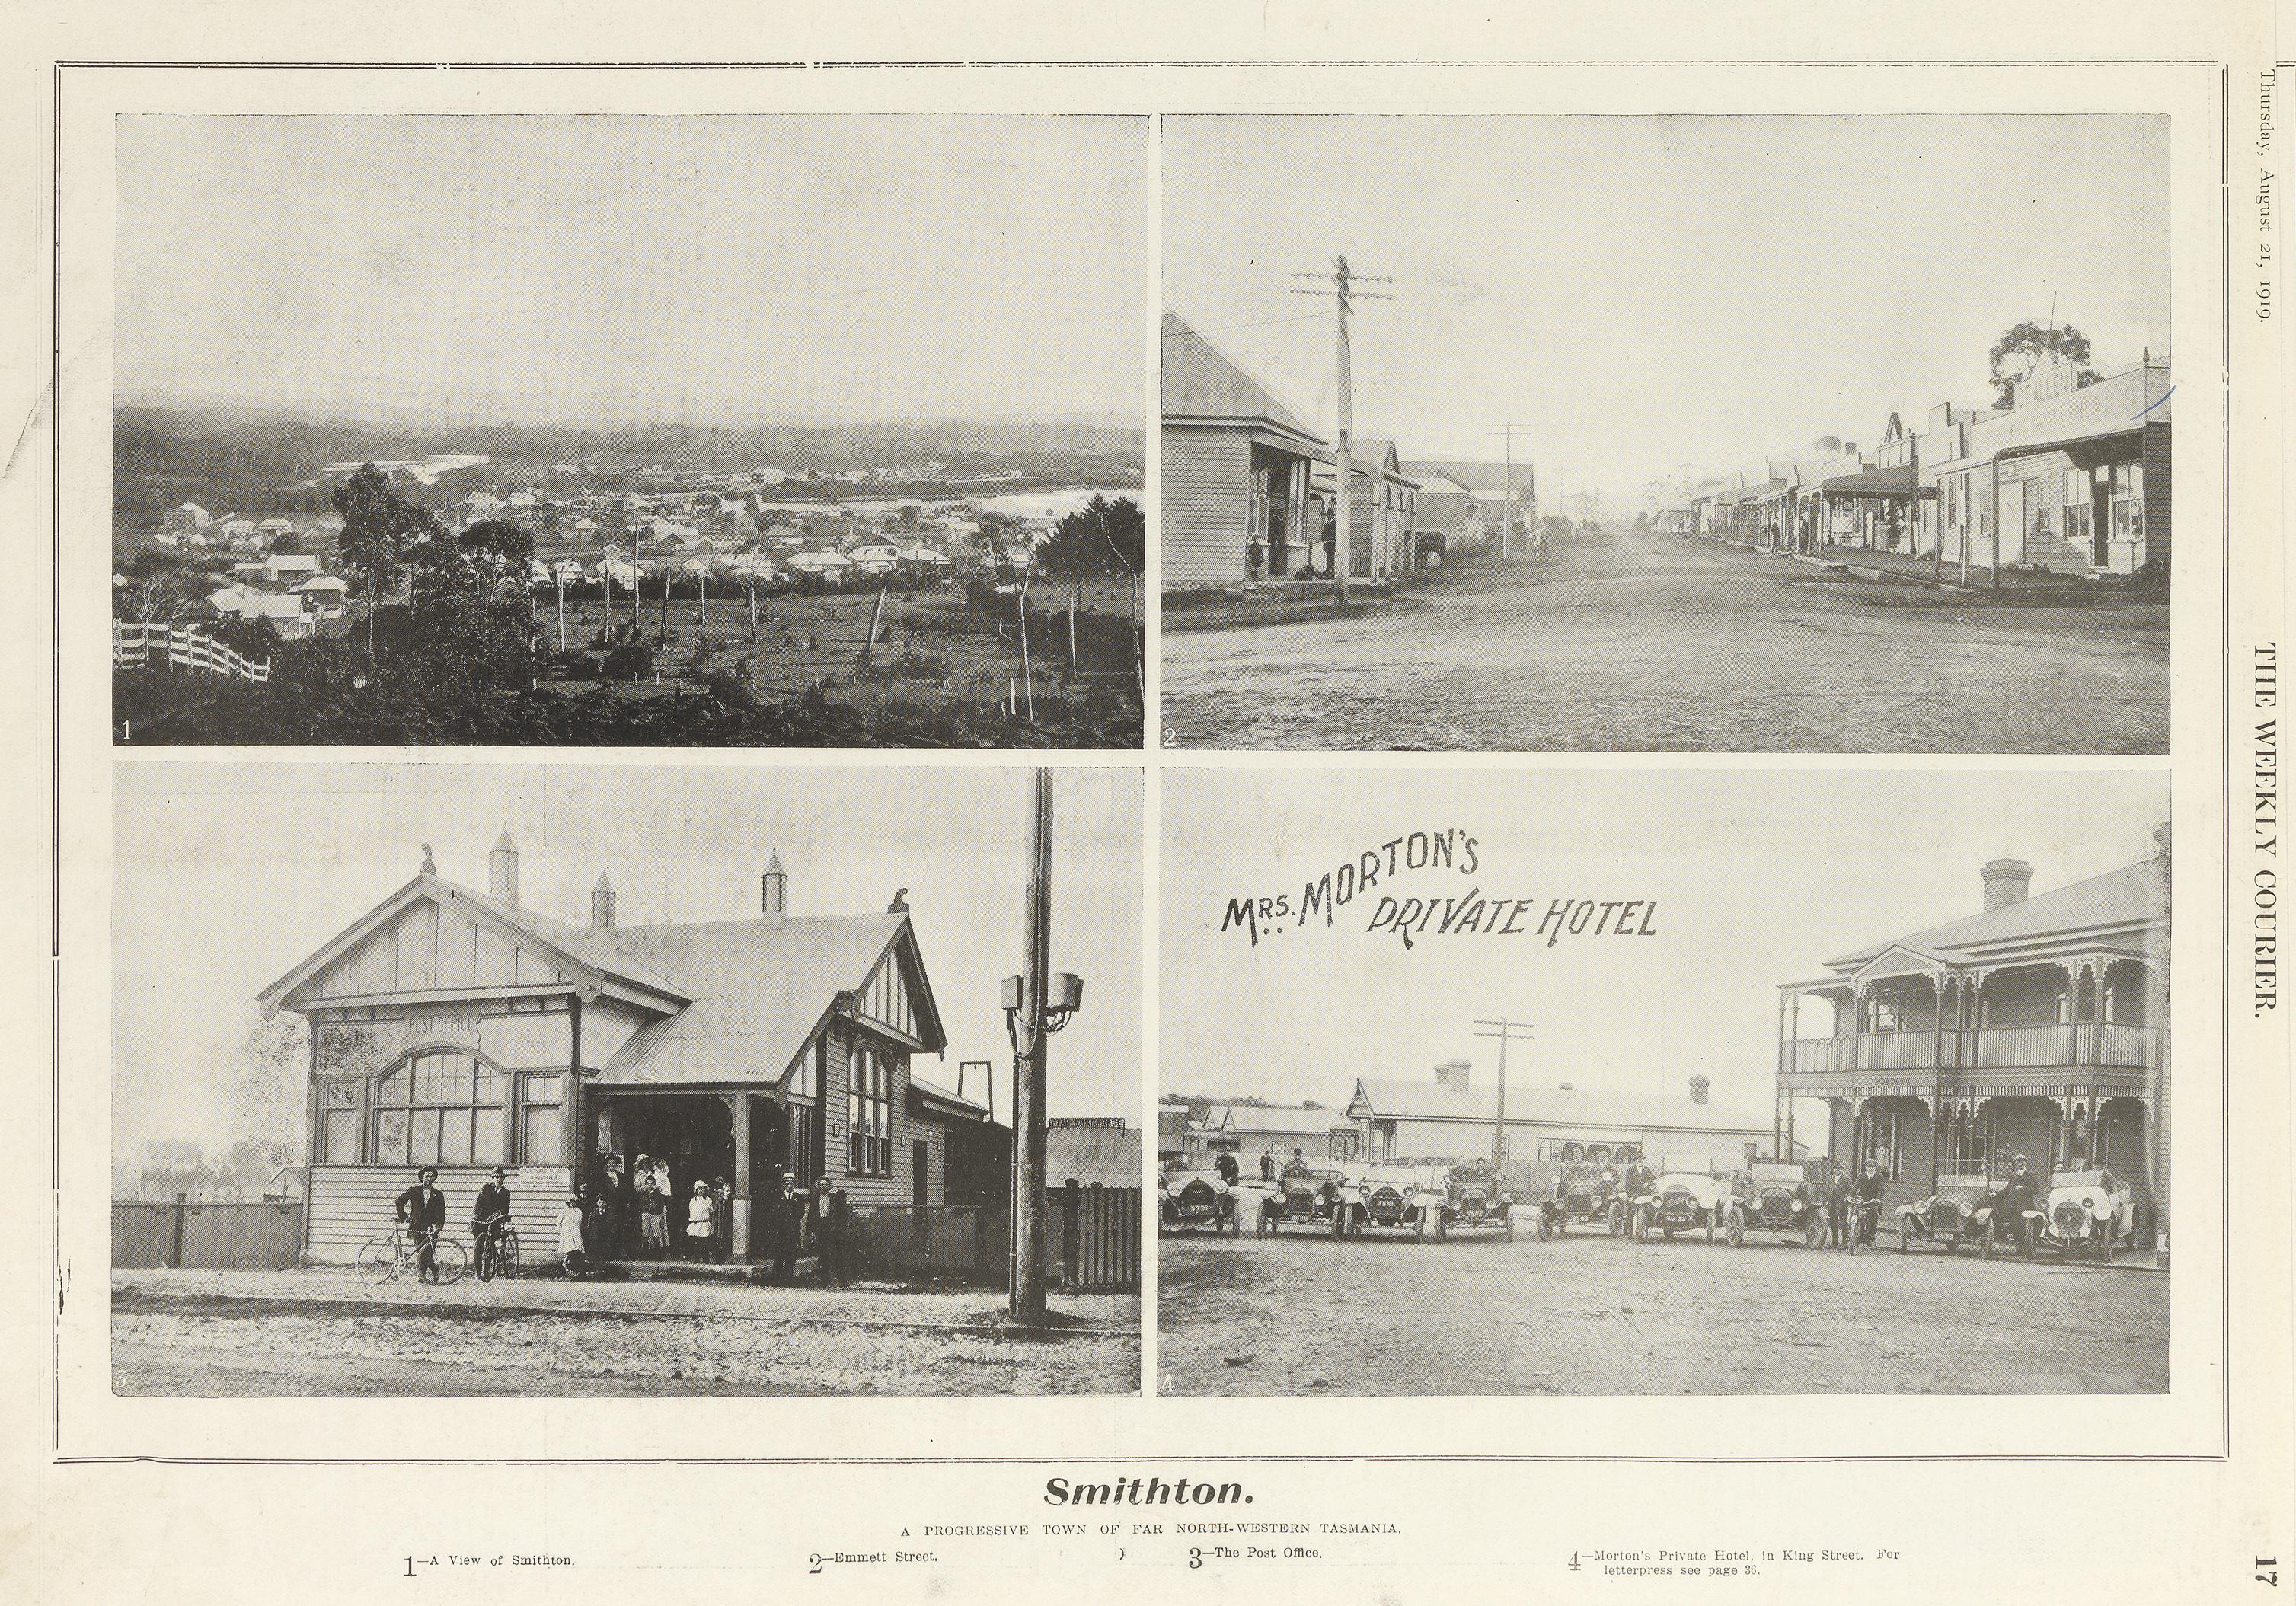 Smithton, Tasmania (1919)